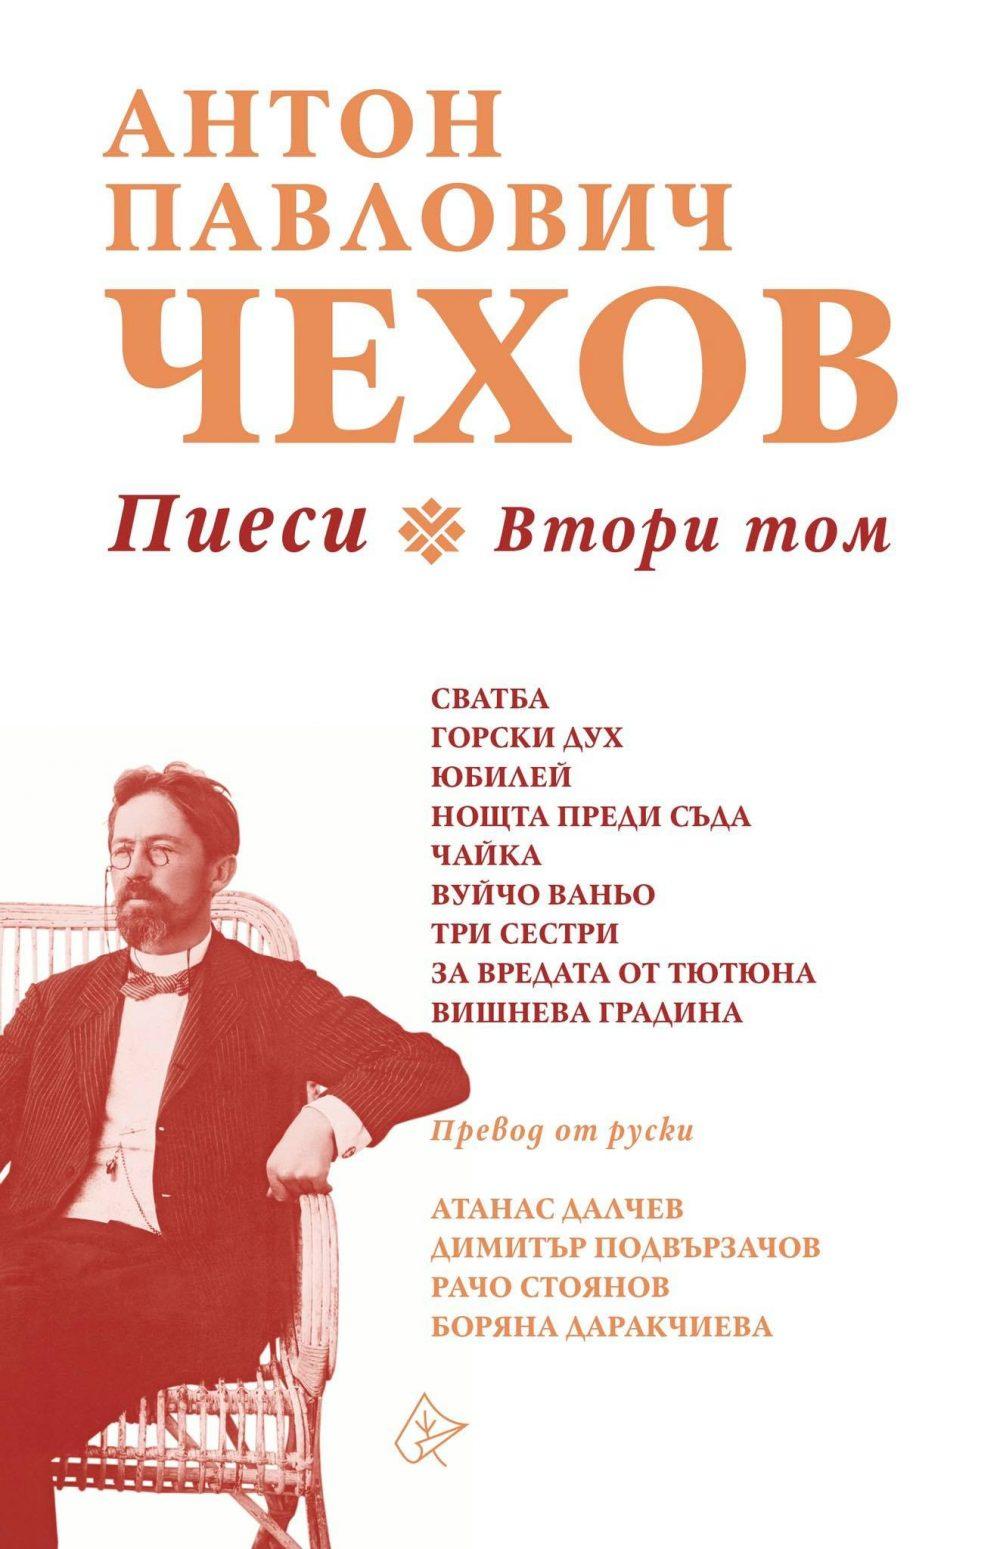 Пиеси, втори том от Антон Чехов